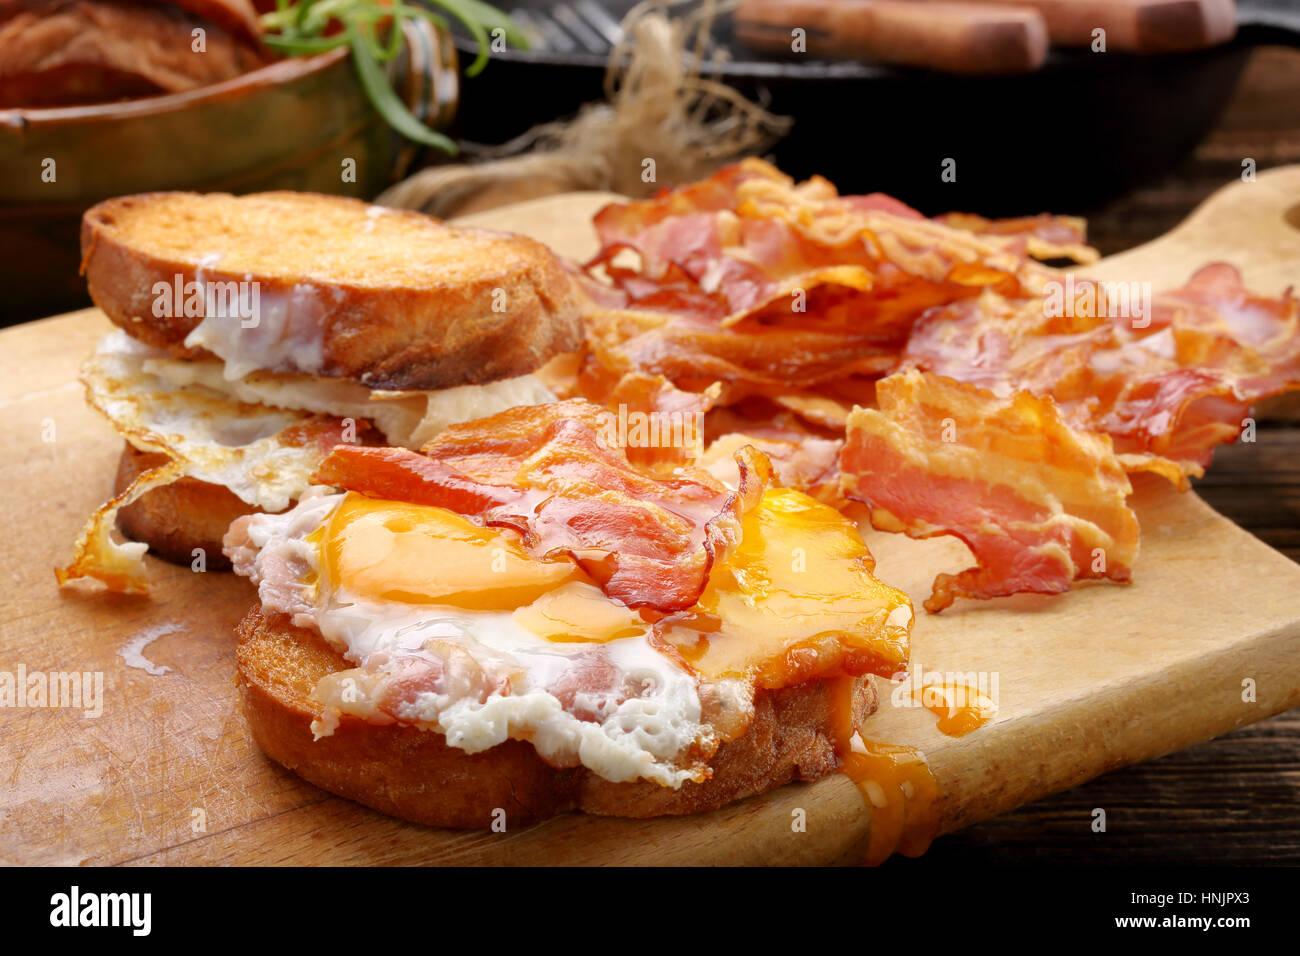 Avec Sandwich œuf frit et jambon chaud sur fond de bois Photo Stock